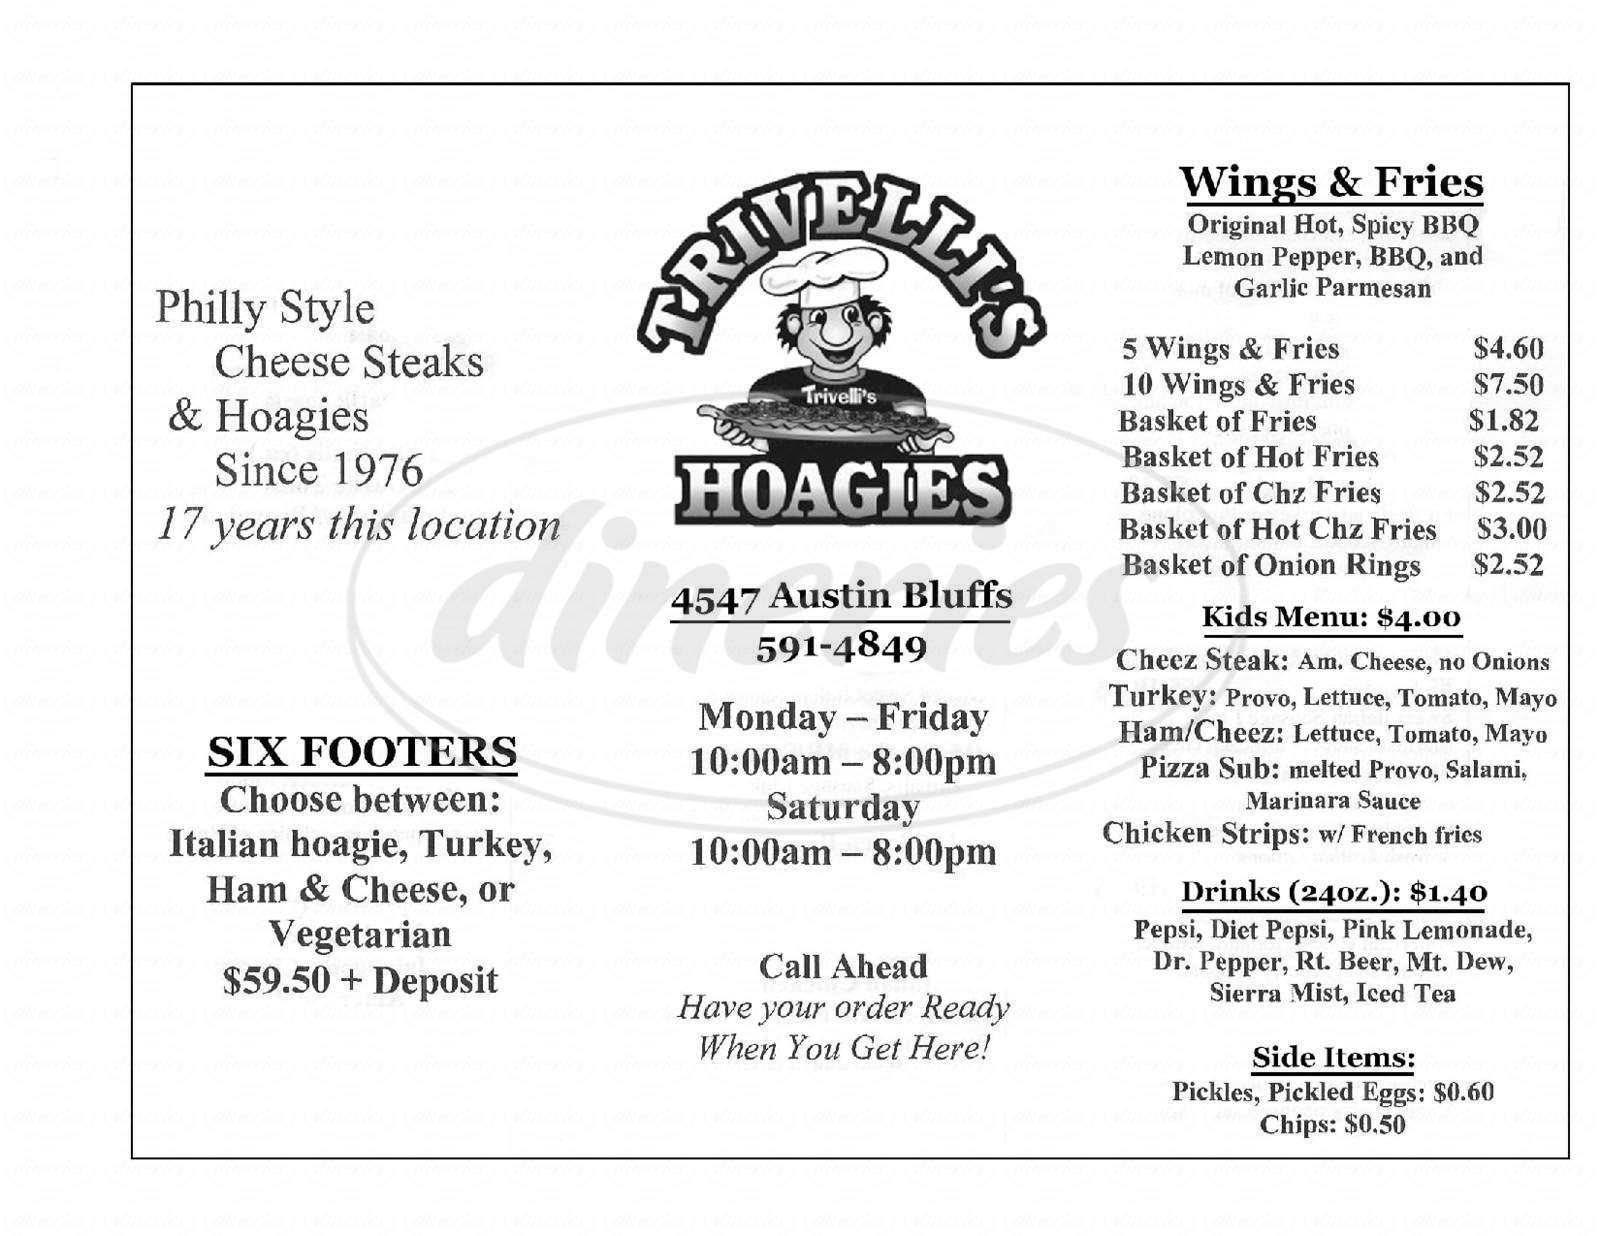 menu for Trivelli's Hoagies